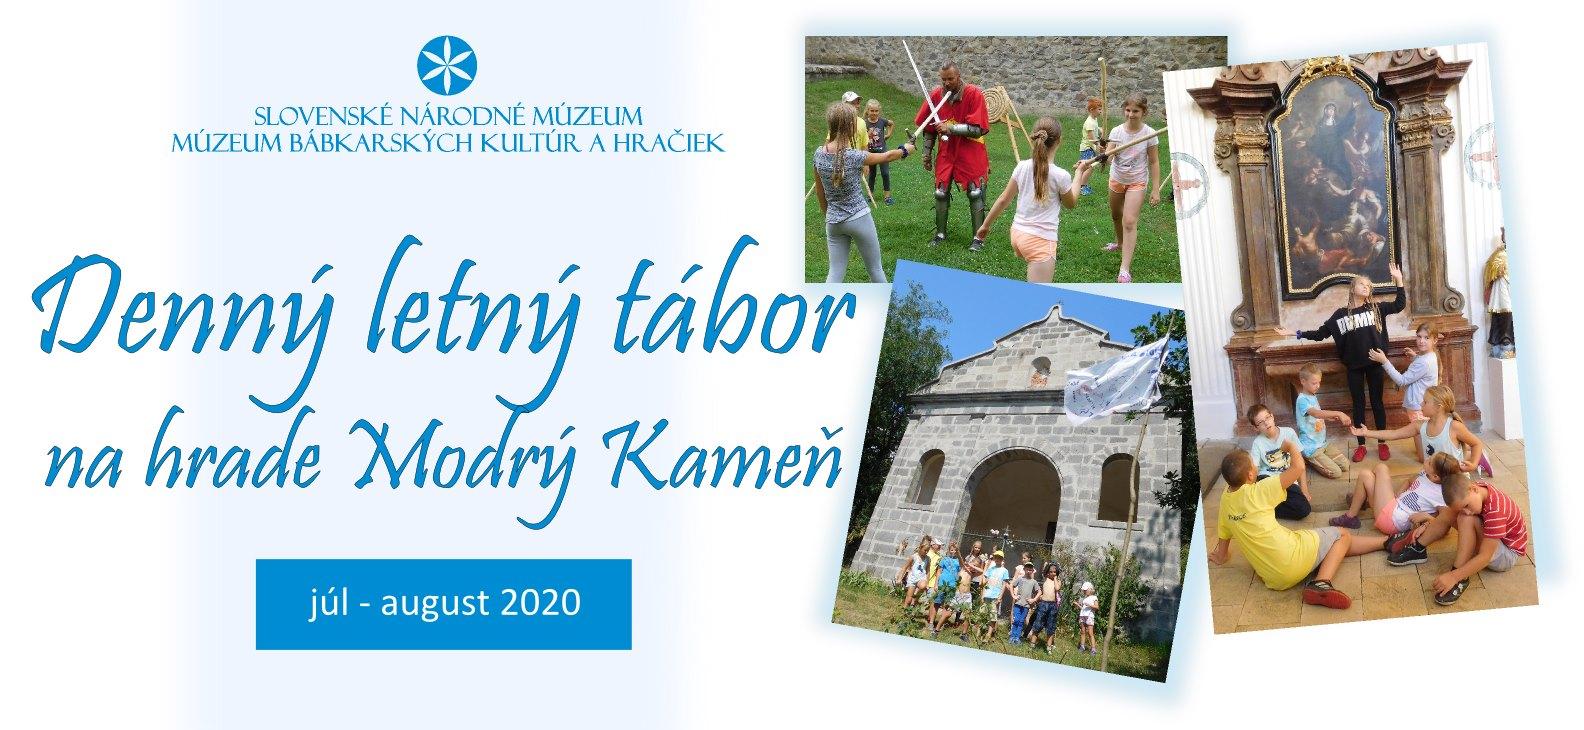 Denný letný tábor na hrade Modrý Kameň 2020